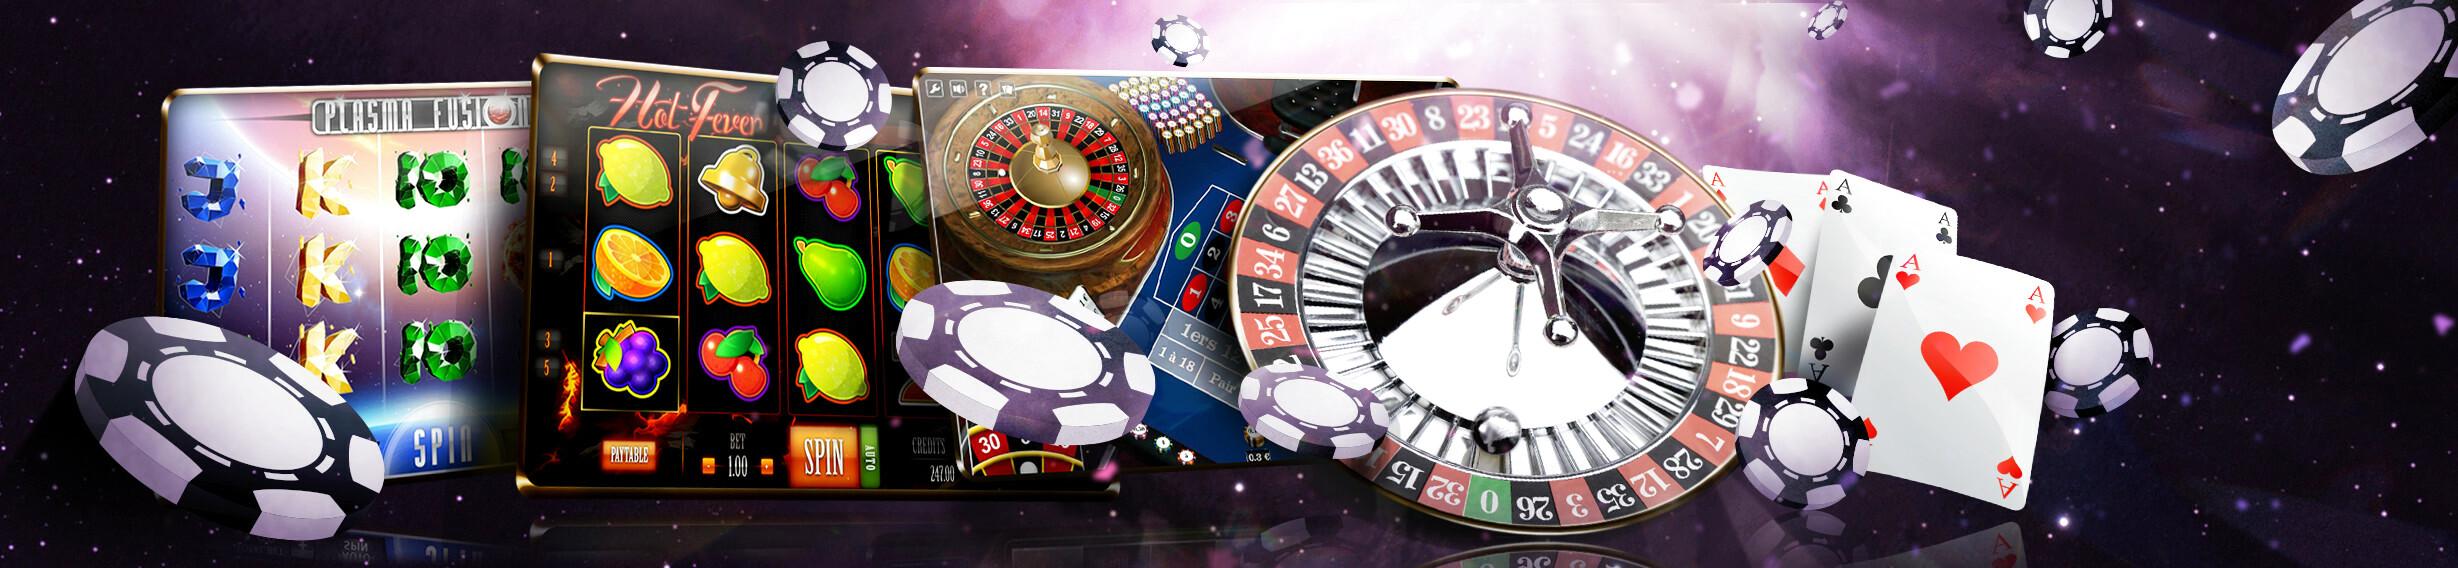 spiele casinos 10